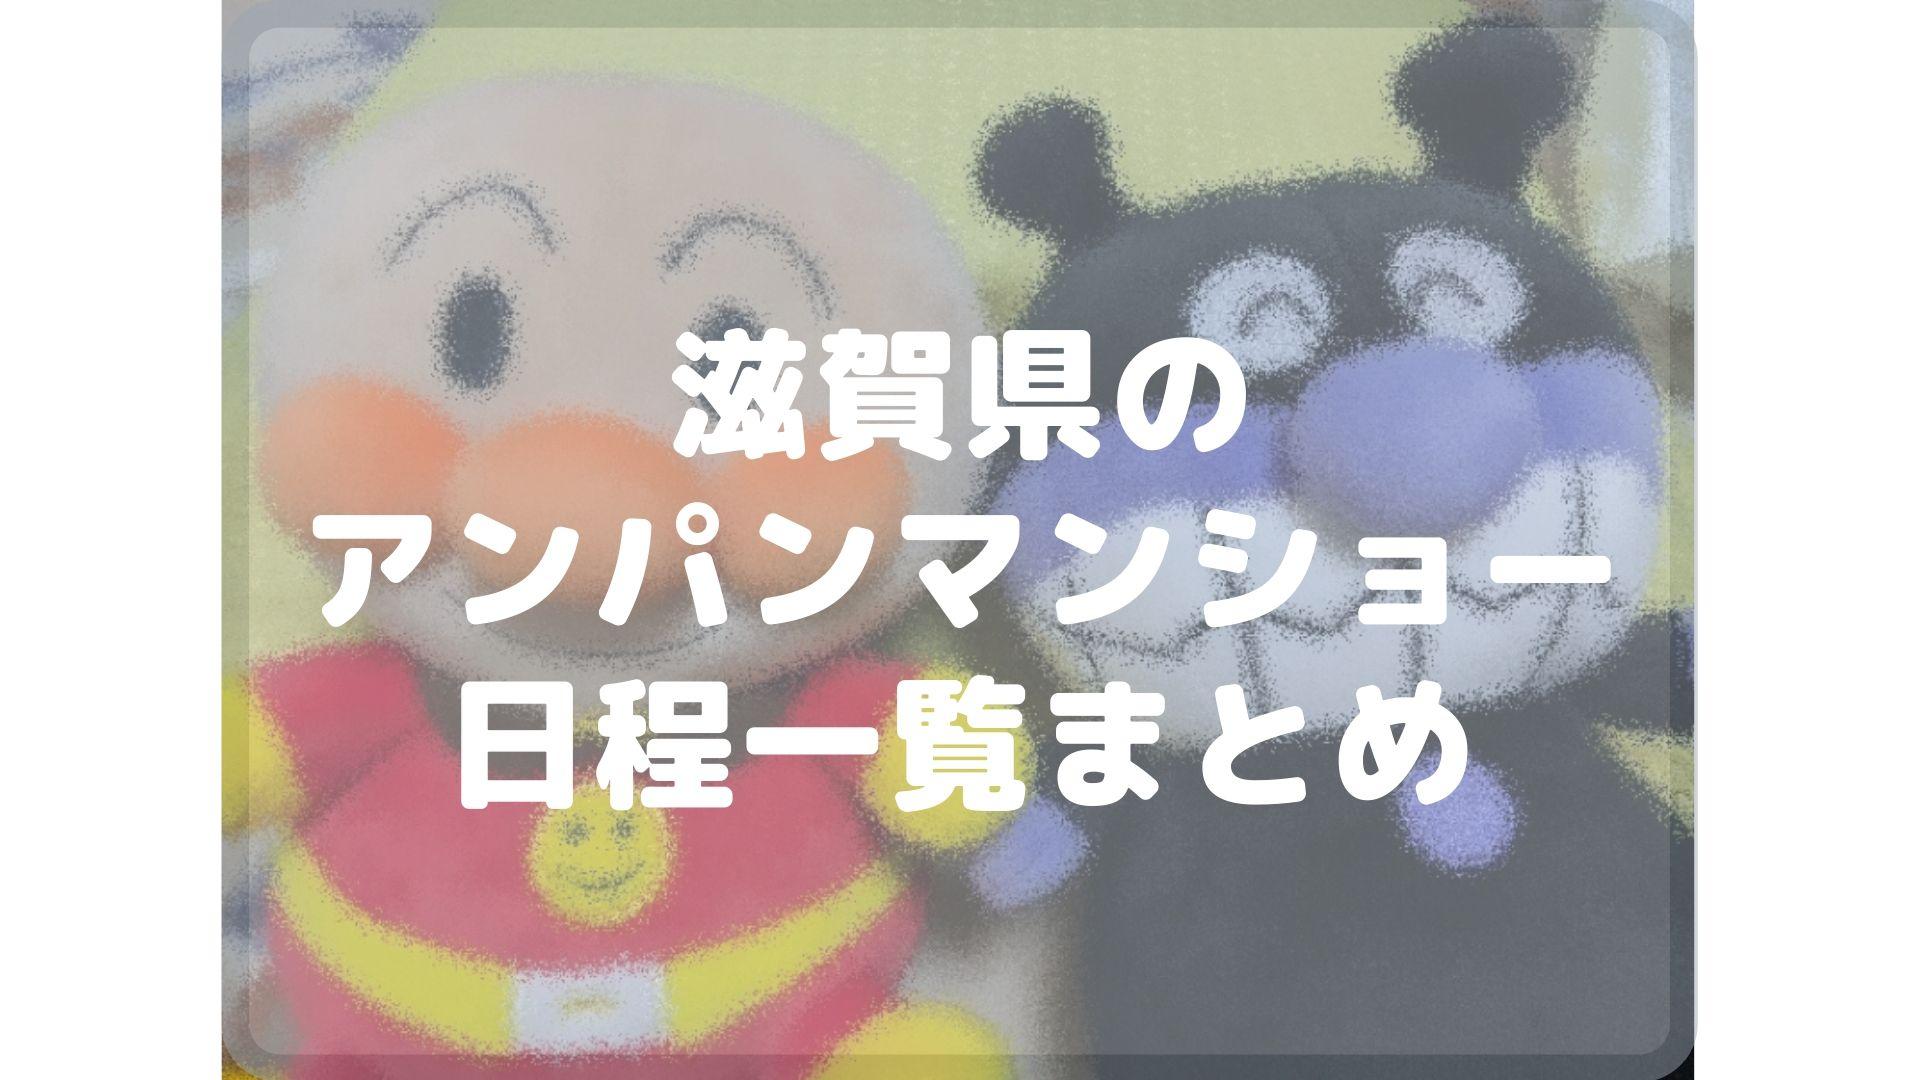 滋賀県のアンパンマンショーまとめタイトル画像